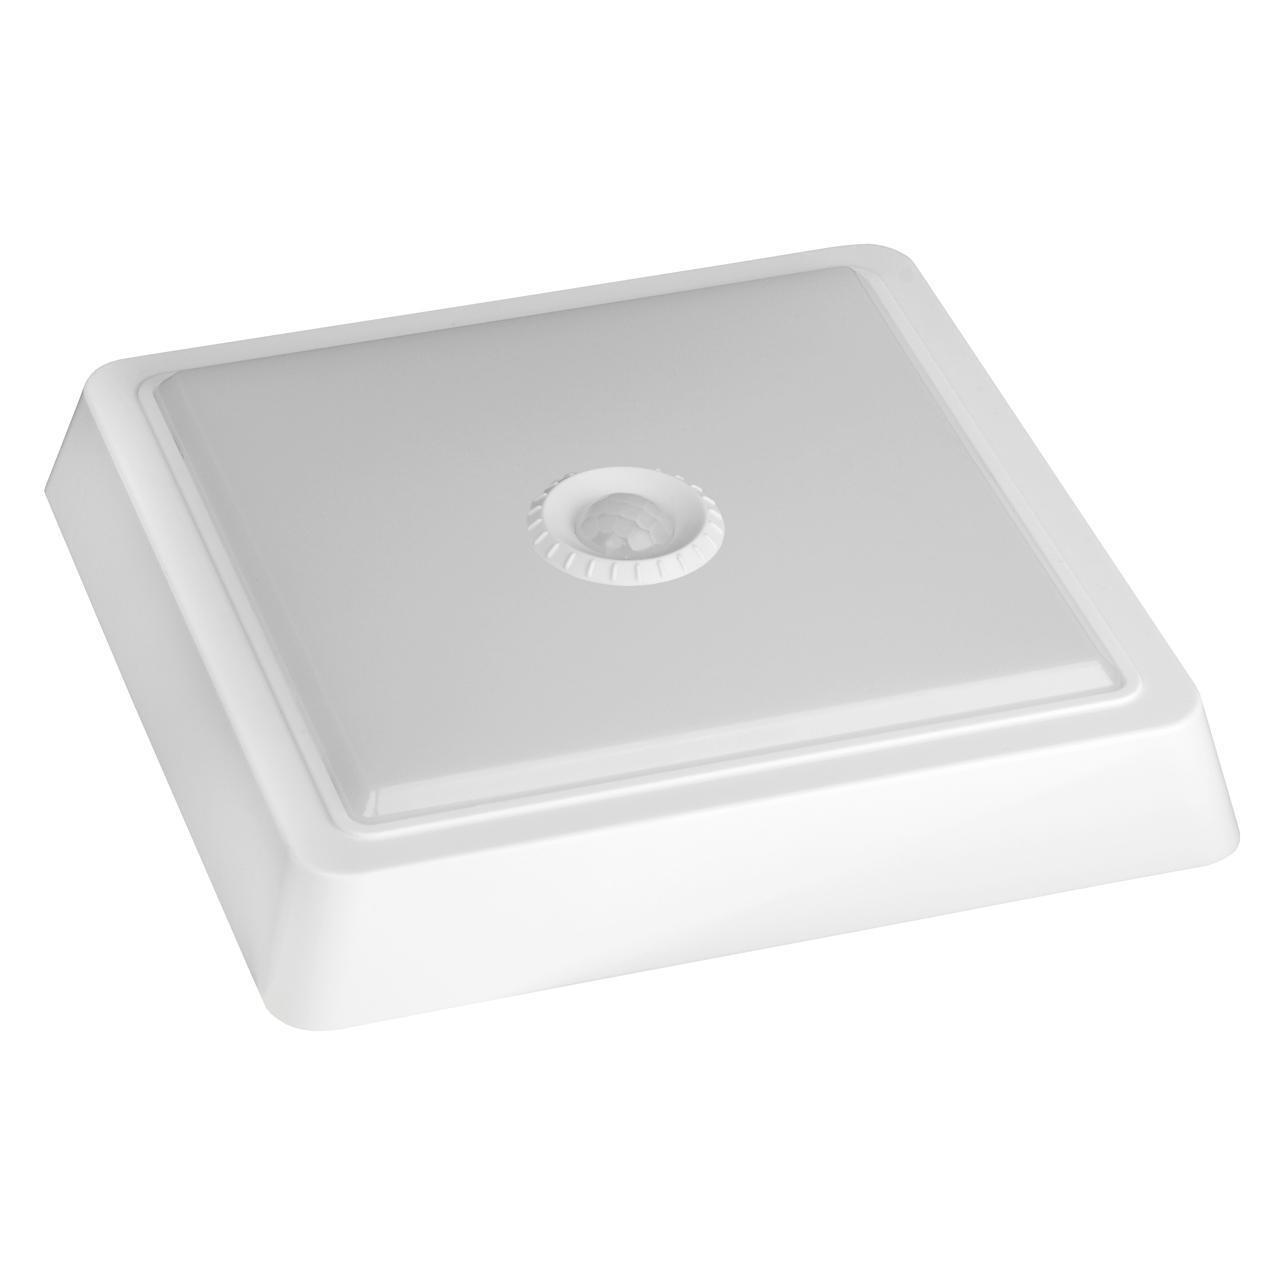 цена на Настенно-потолочный светильник Эра SPB-4-10-4K-MWS, LED, 10 Вт